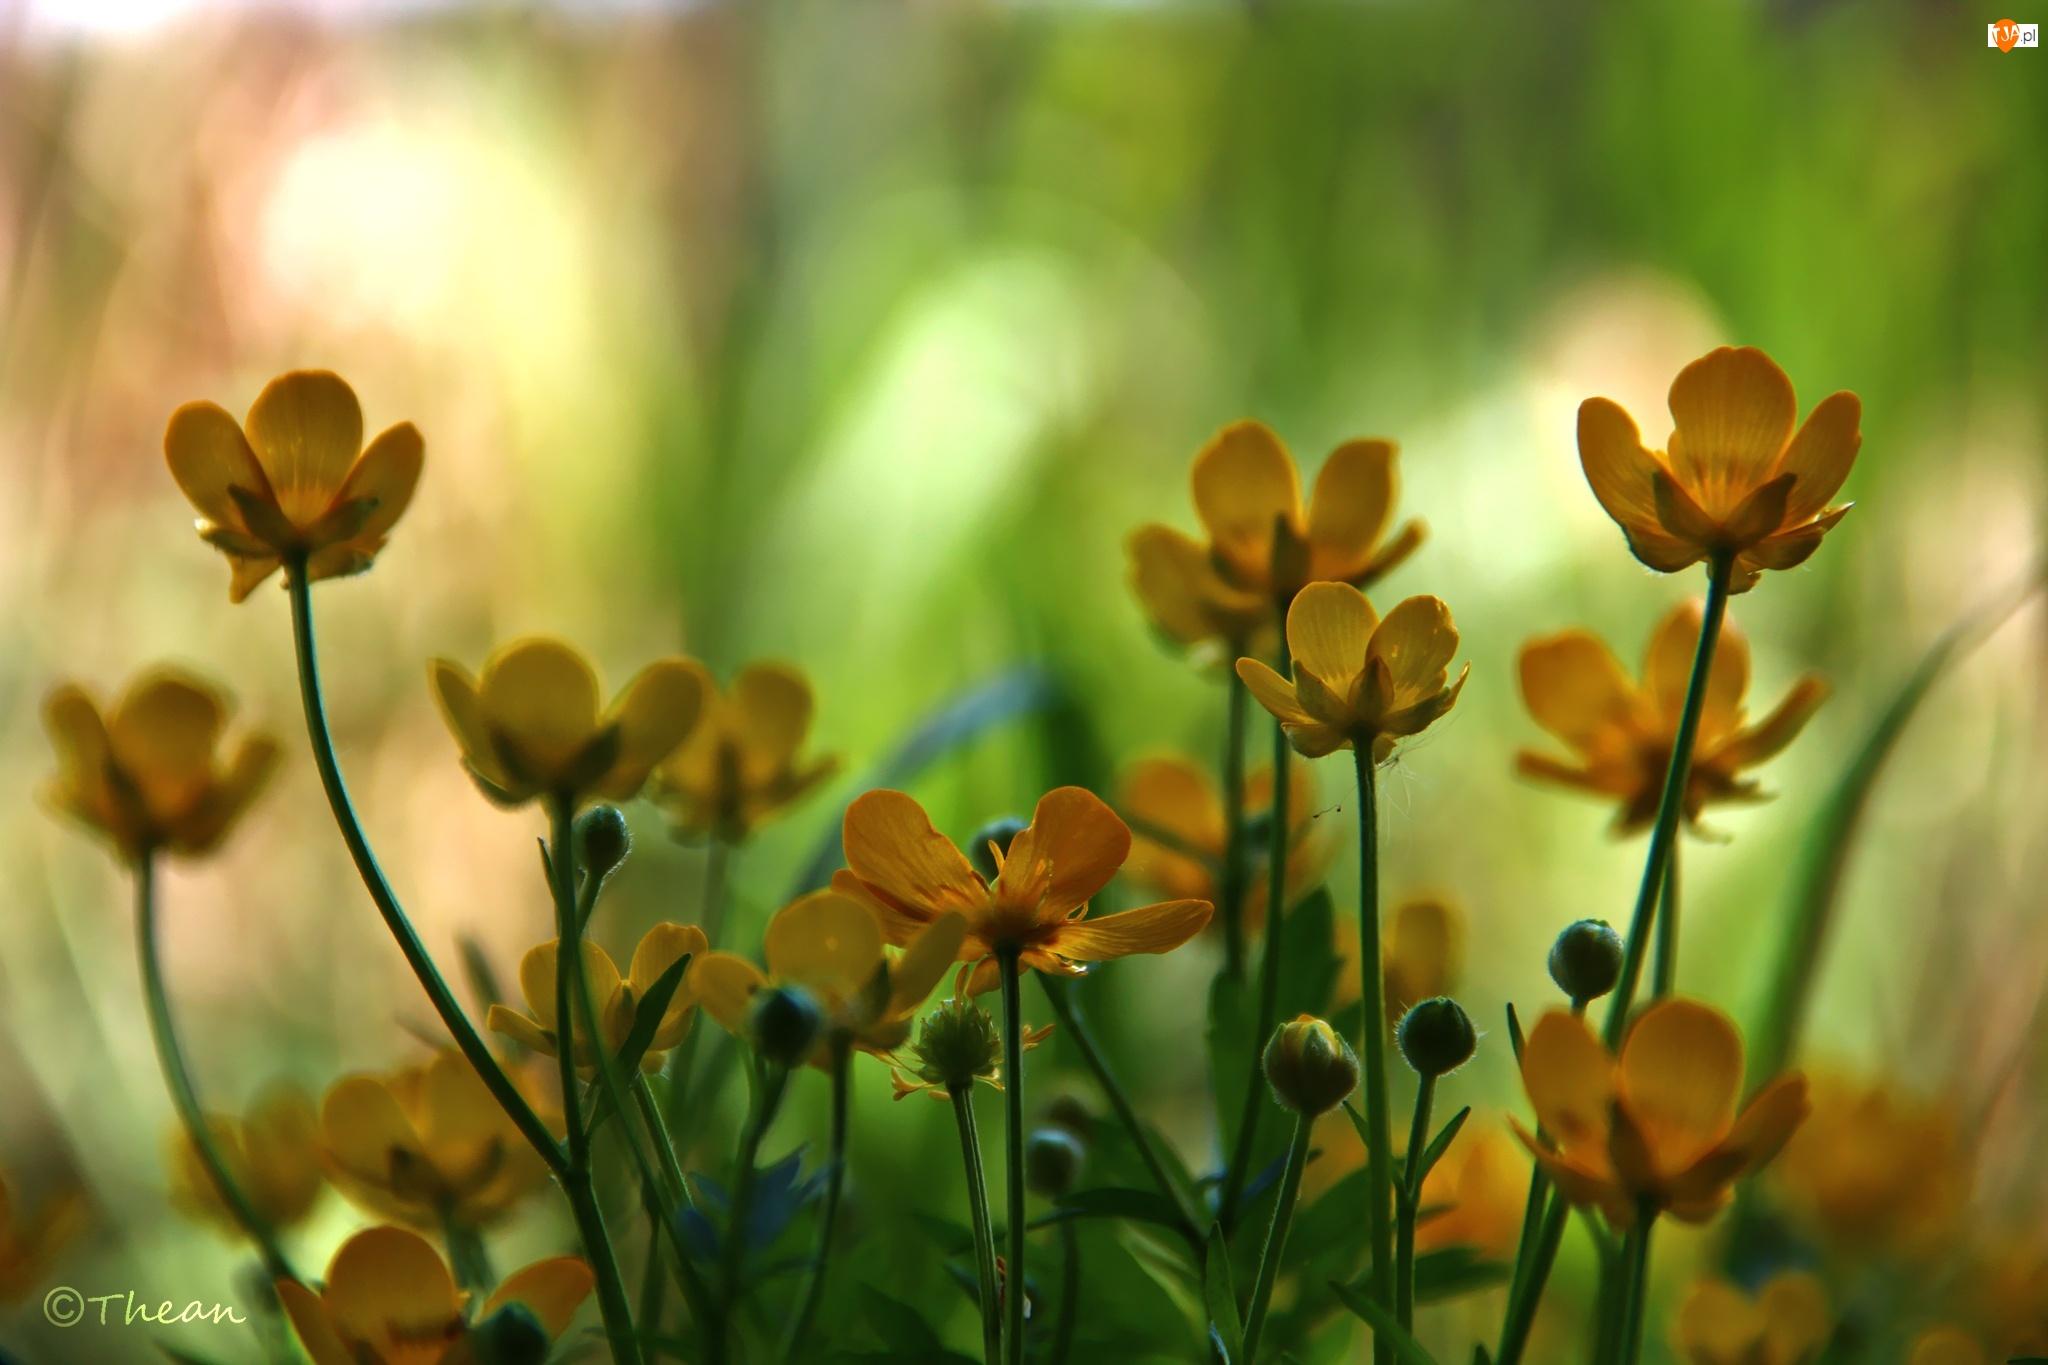 Kwiaty, Kaczeńce, Żółte